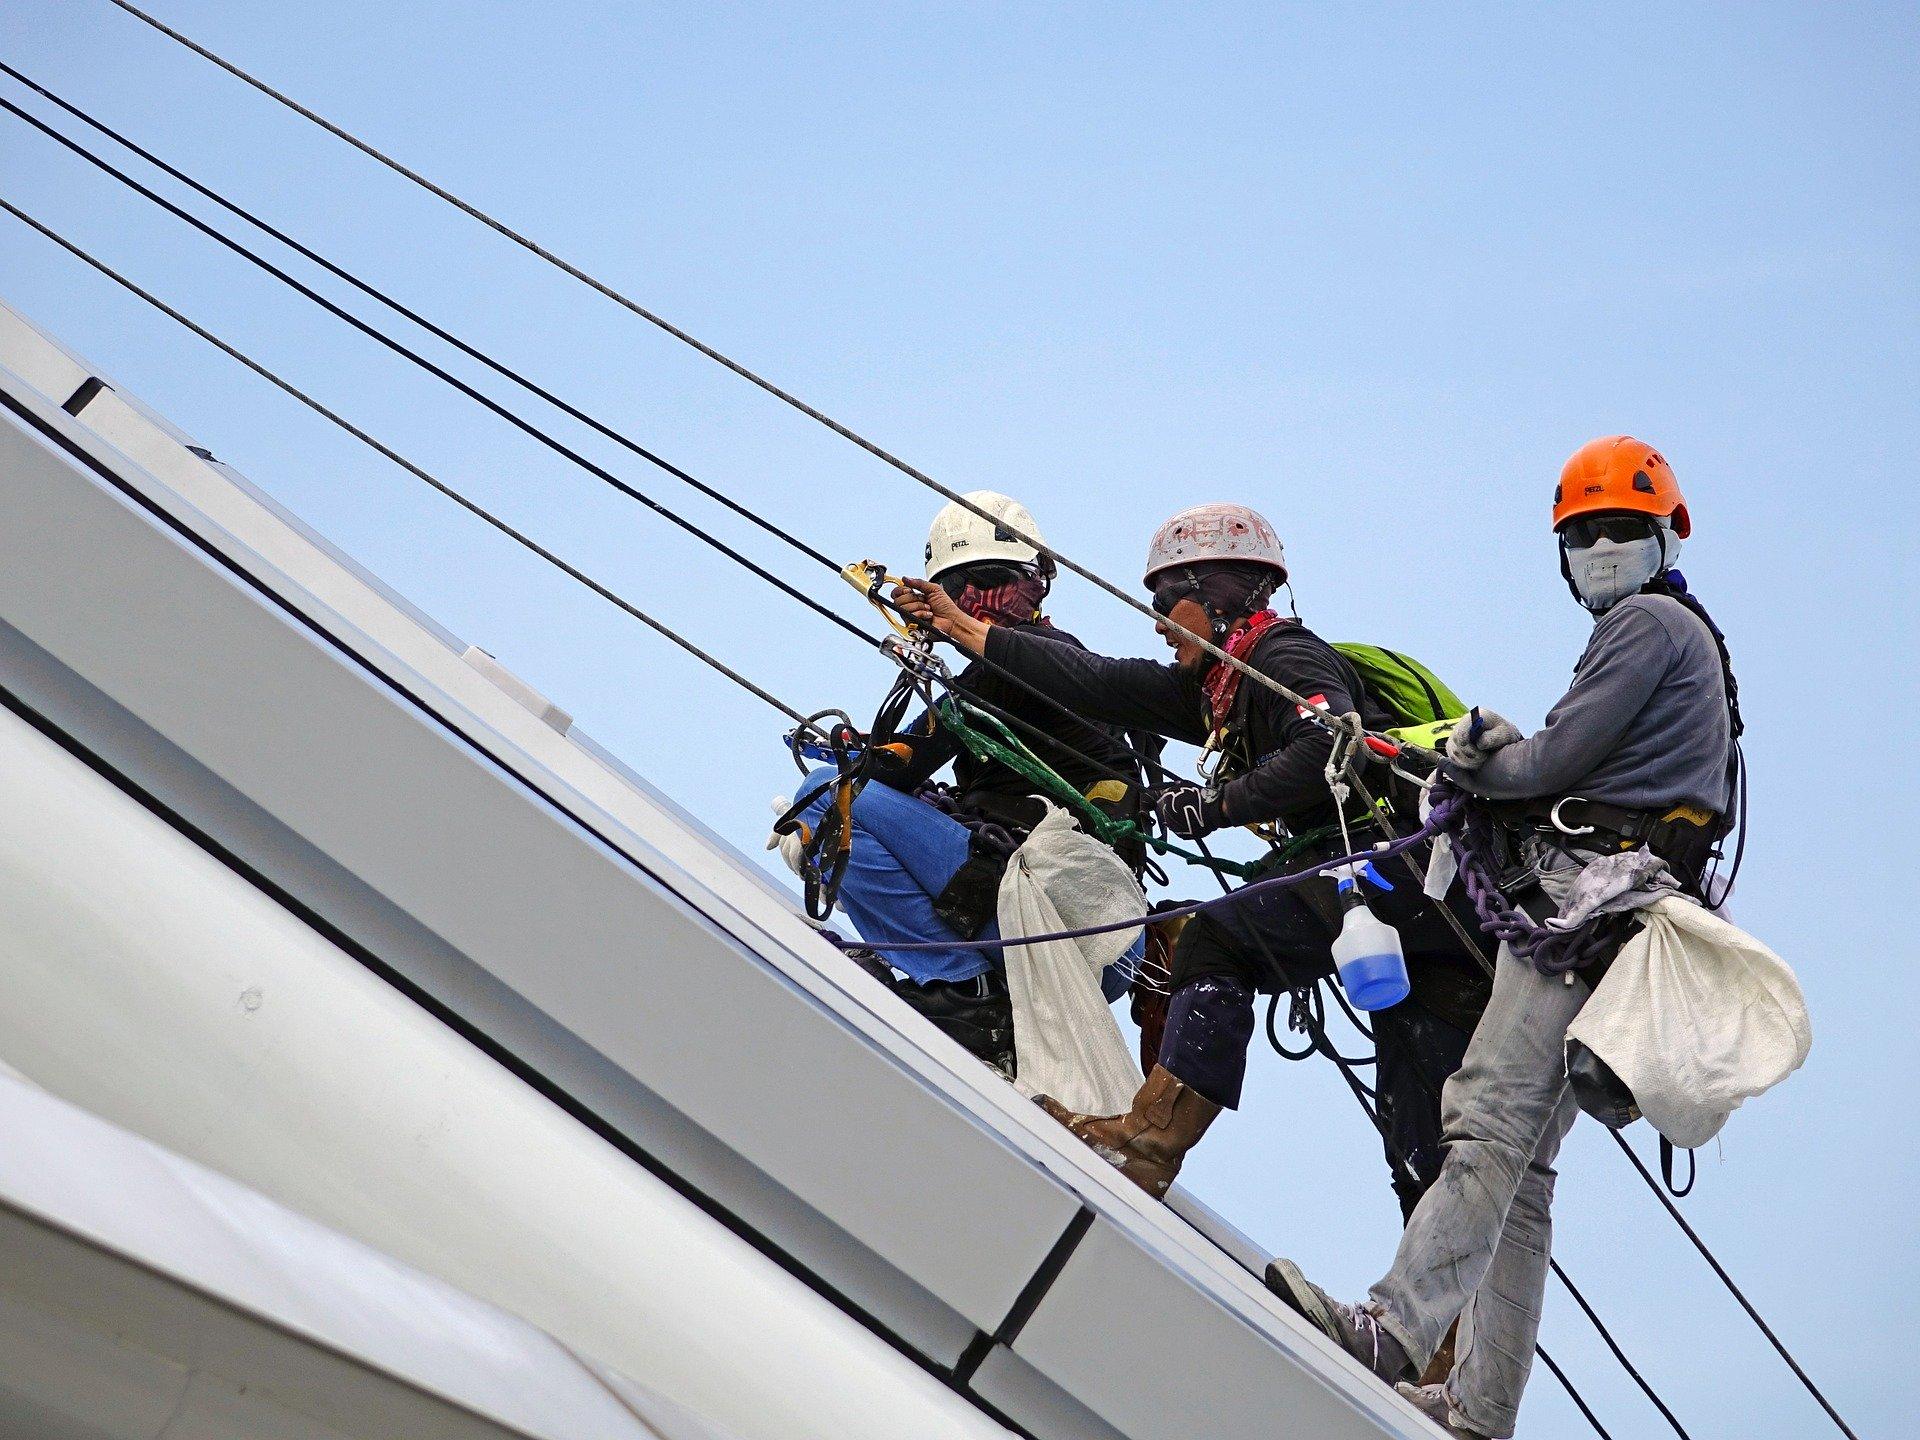 I'm safety leader è l'approccio di SOGES in tema di sicurezza nei luoghi di lavoro | 5 ways to future